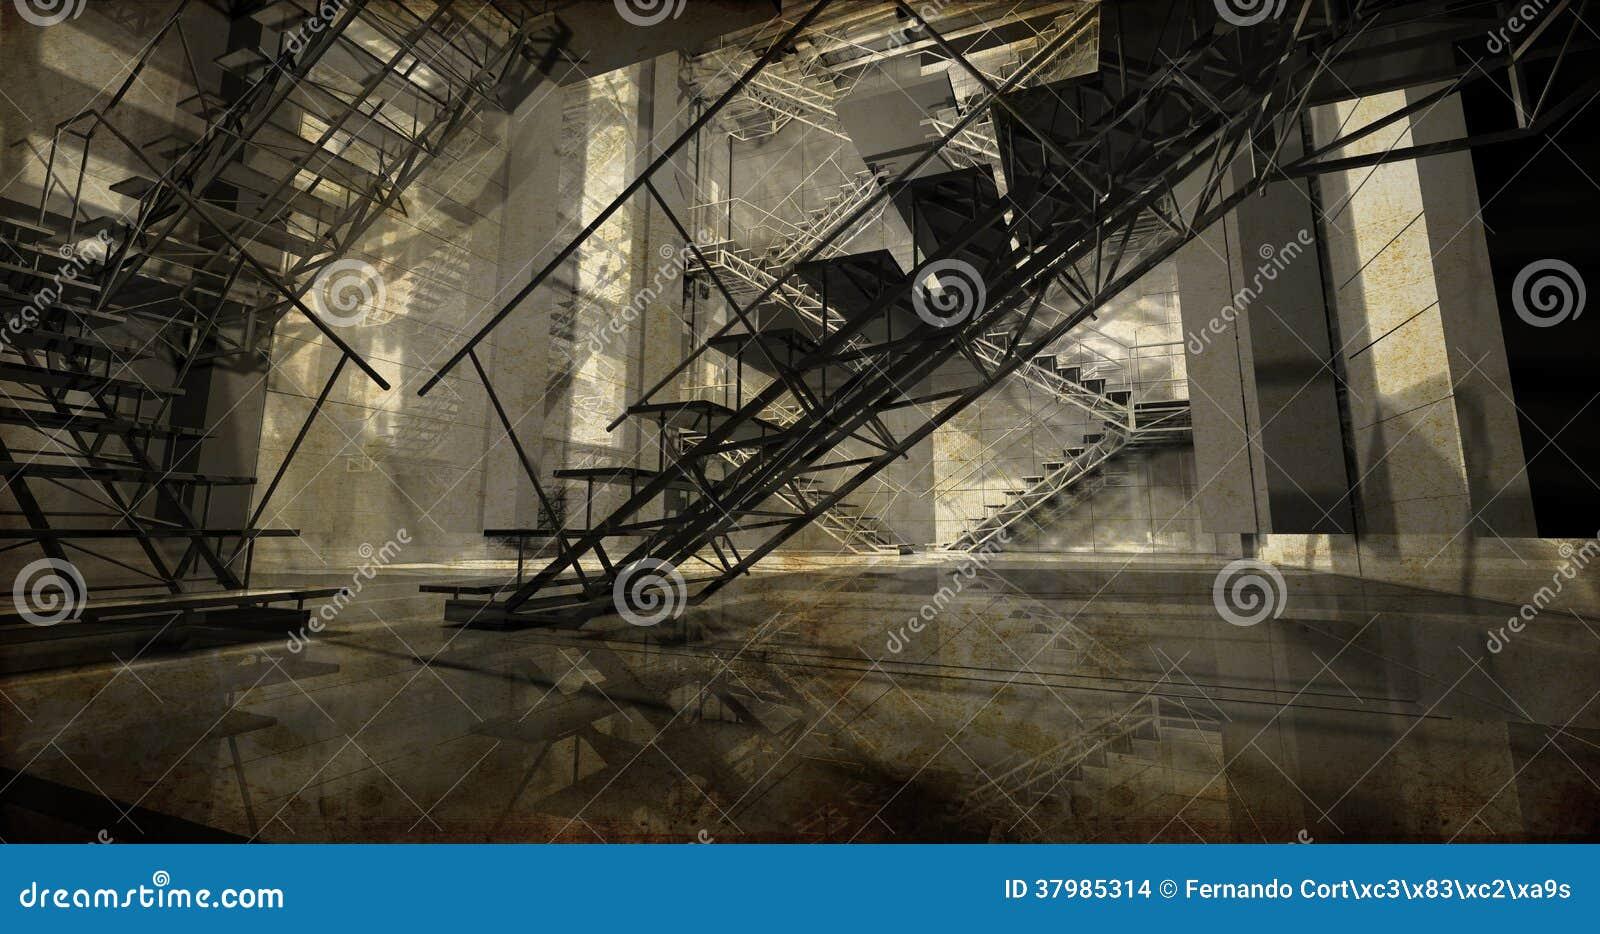 Stazione. Interno industriale moderno, scale, spazio pulito in indu